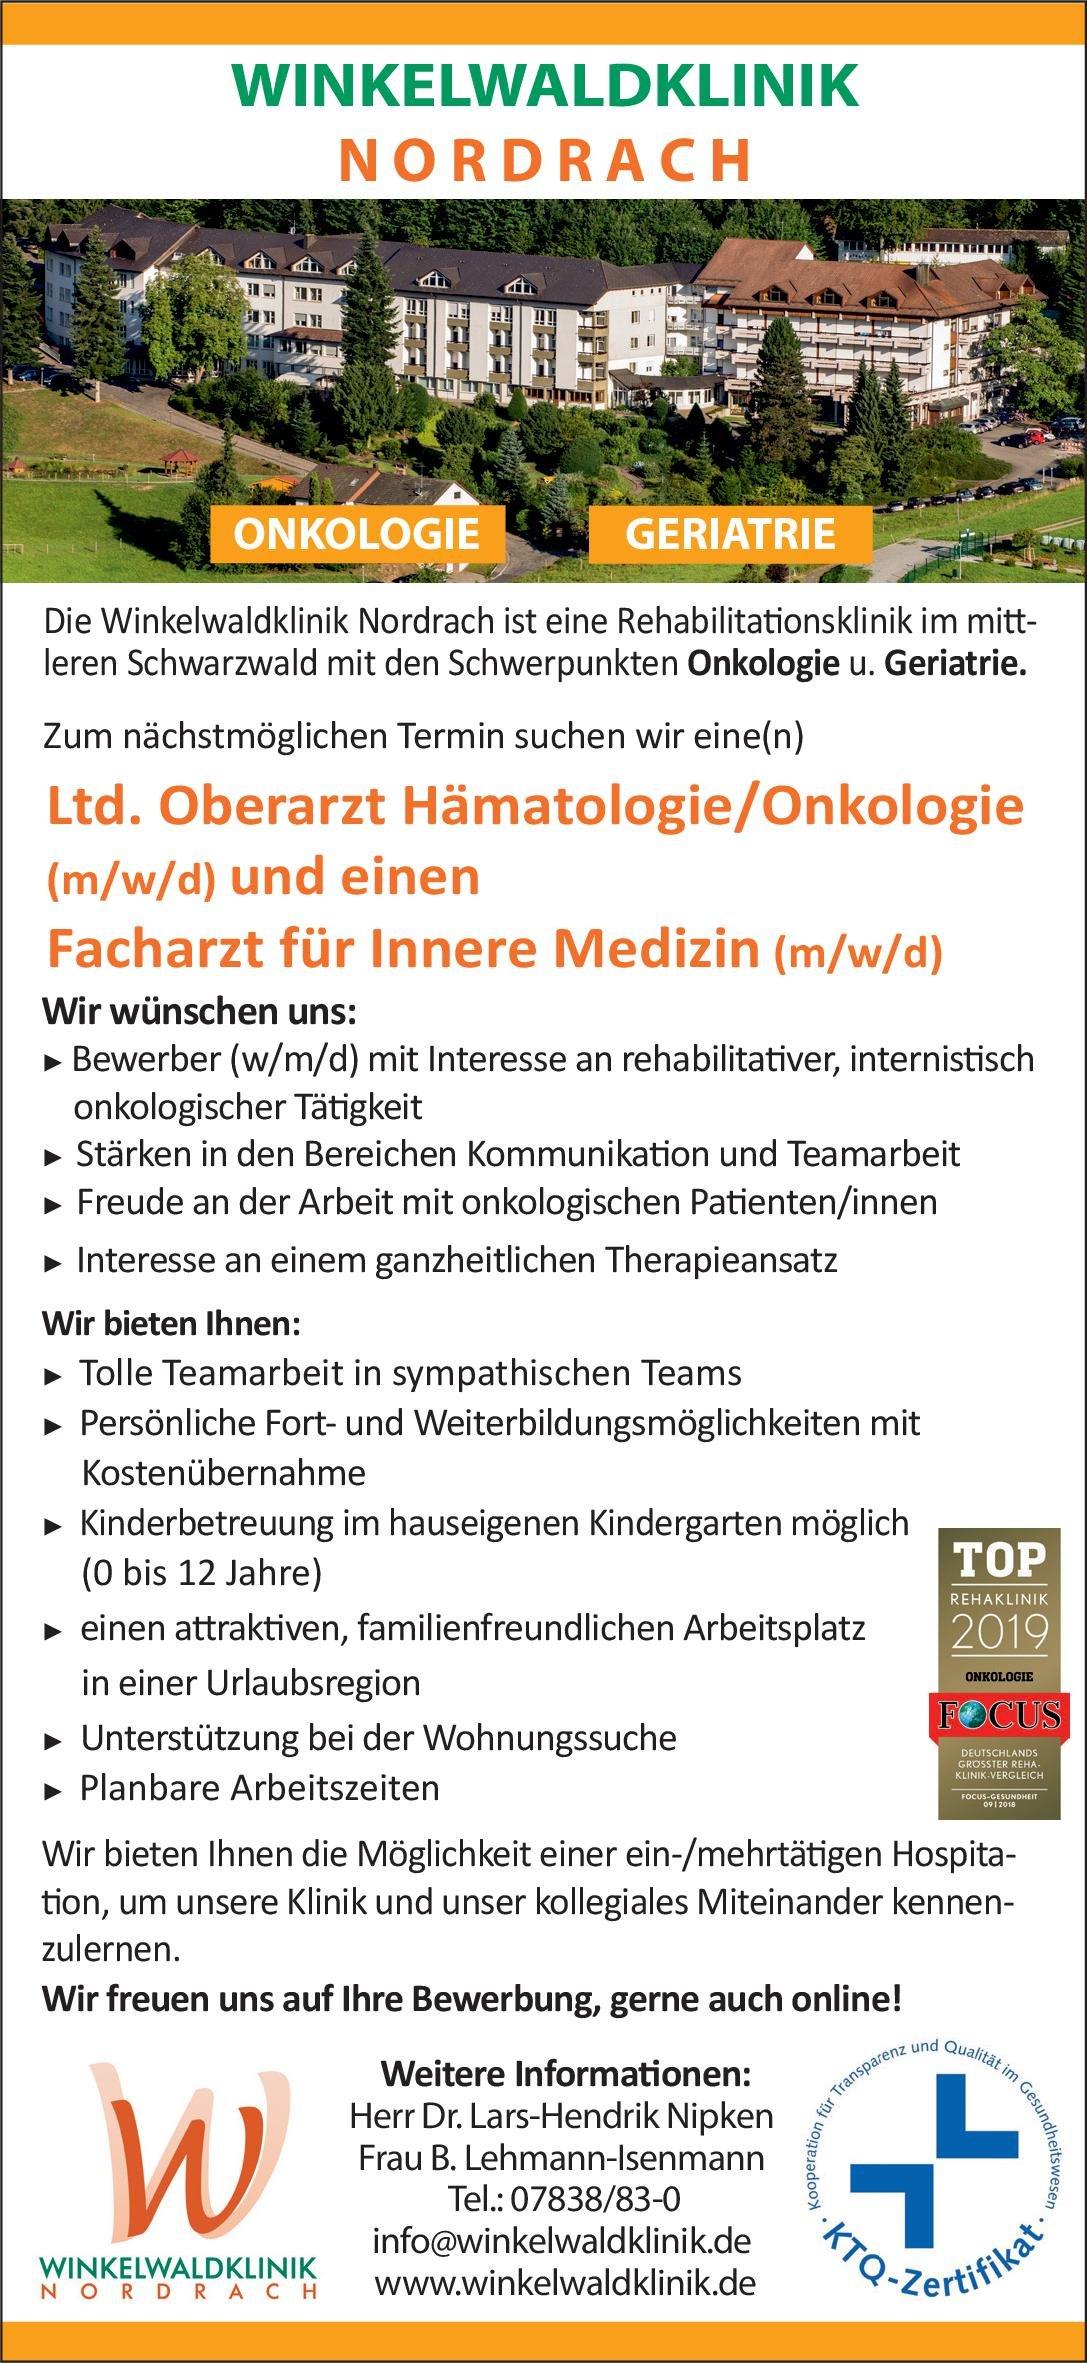 Winkelwaldklinik Nordrach Facharzt für Innere Medizin (m/w/d)  Innere Medizin, Geriatrie, Innere Medizin Arzt / Facharzt